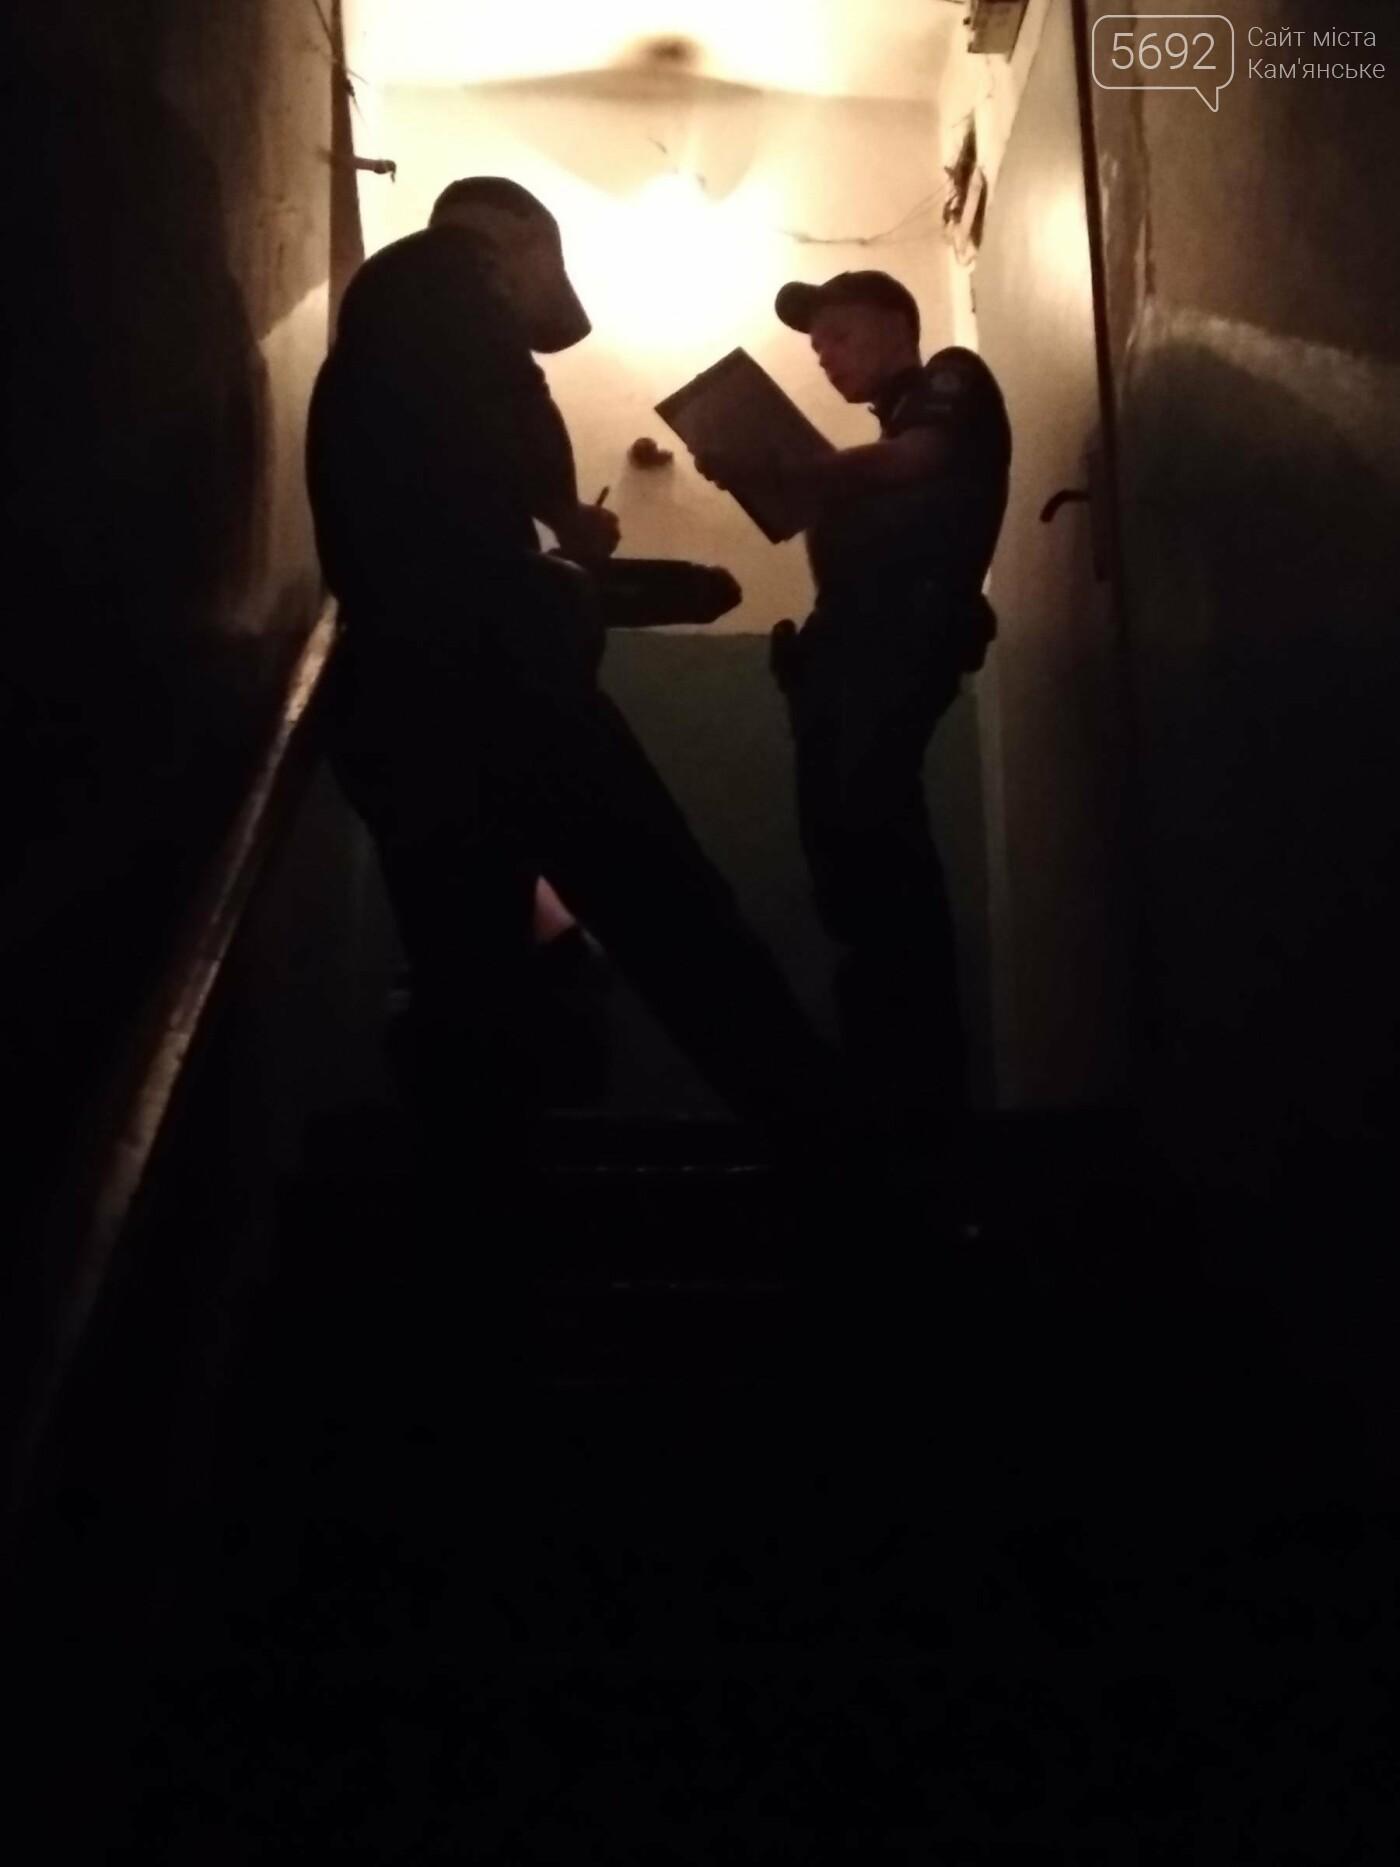 Одна ночь из жизни патрульных Каменского, фото-4